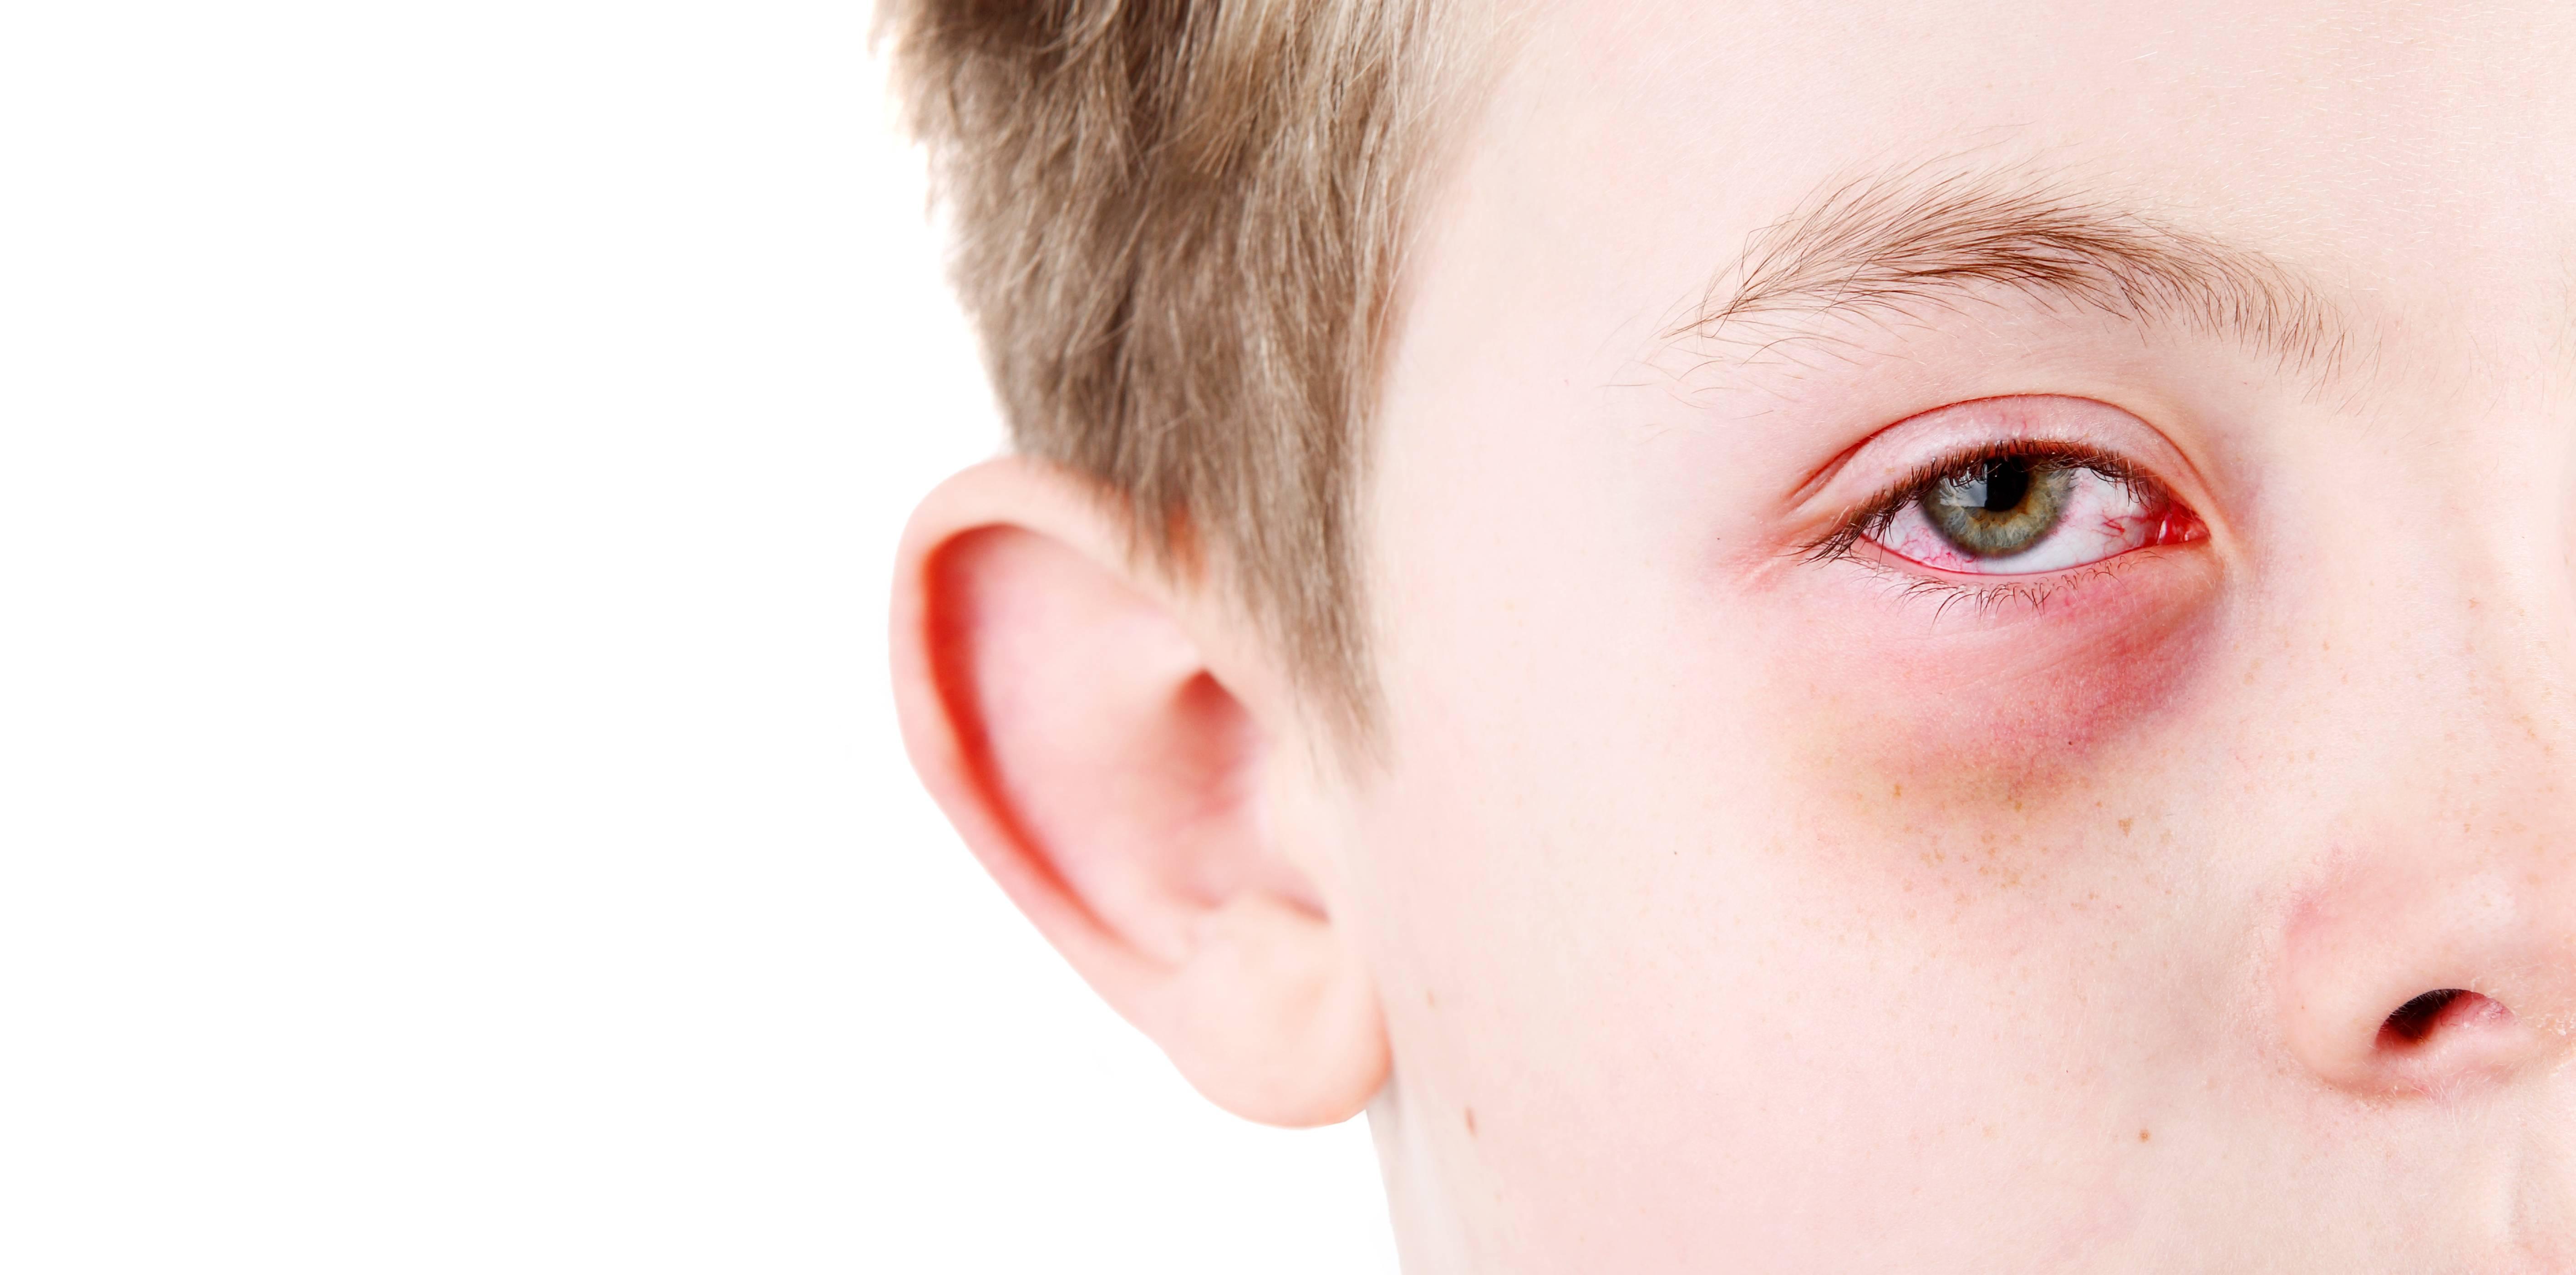 Конъюнктивит у ребенка: 95 фото и видео лечения домашних условиях